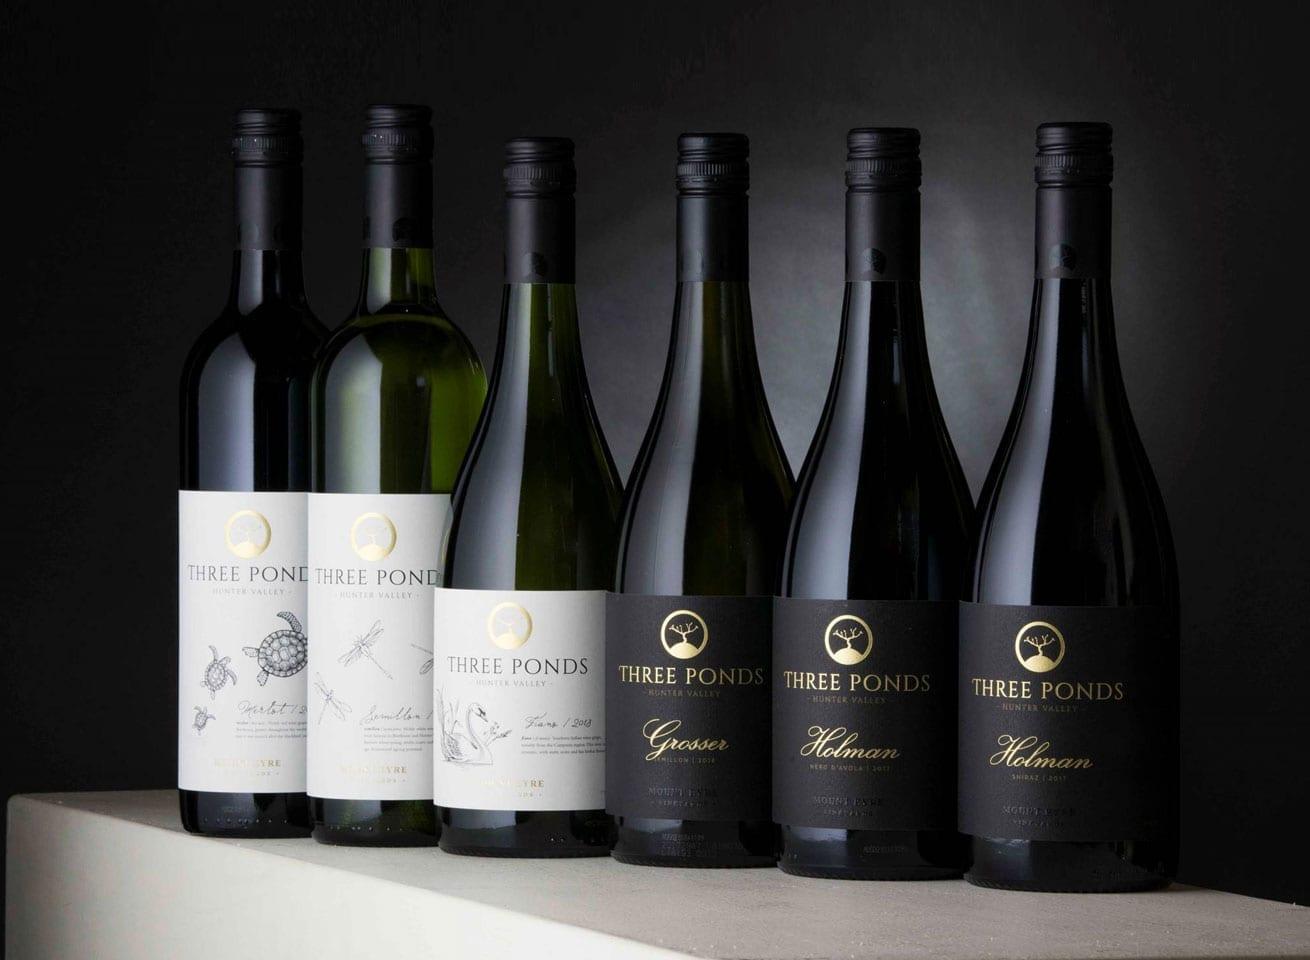 Wine Label Design Three Ponds